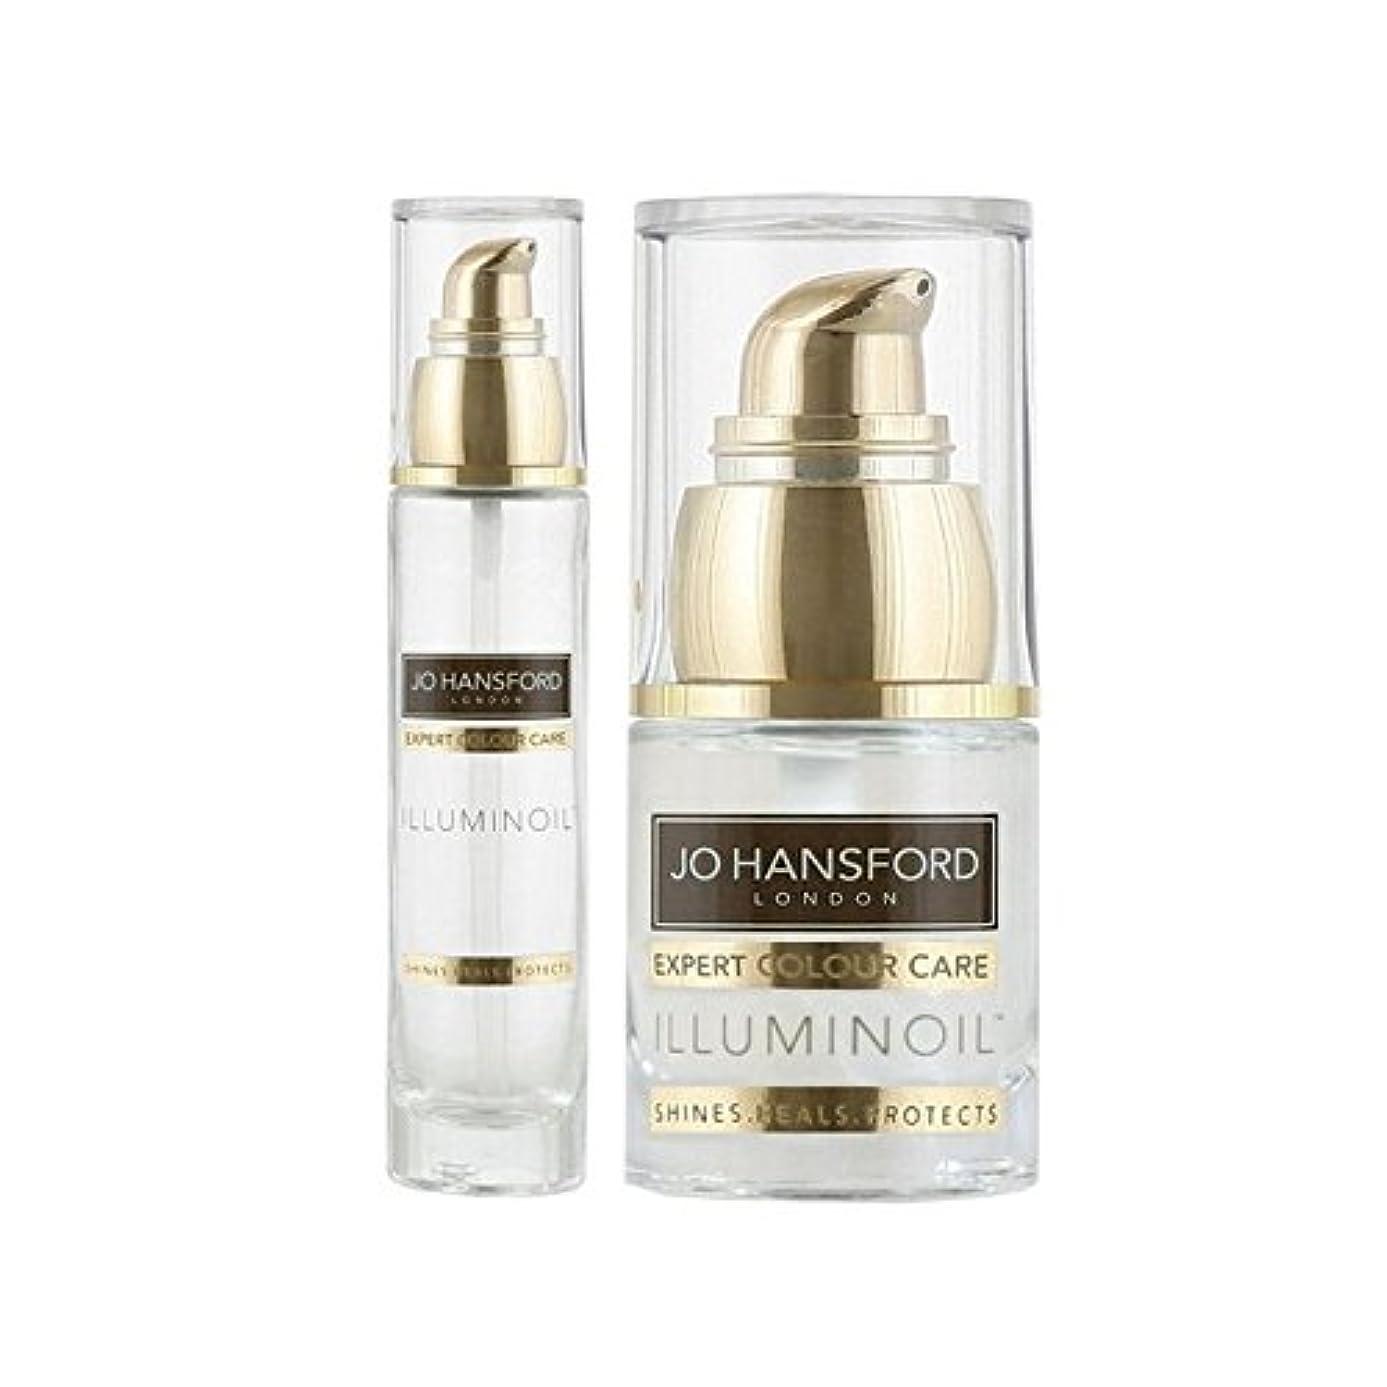 経験上下する九時四十五分Jo Hansford Expert Colour Care Mini Illuminoil (15ml) With Illuminoil (50ml) - とジョー?ハンスフォード専門家のカラーケアミニ(15ミリリットル)(50ミリリットル) [並行輸入品]